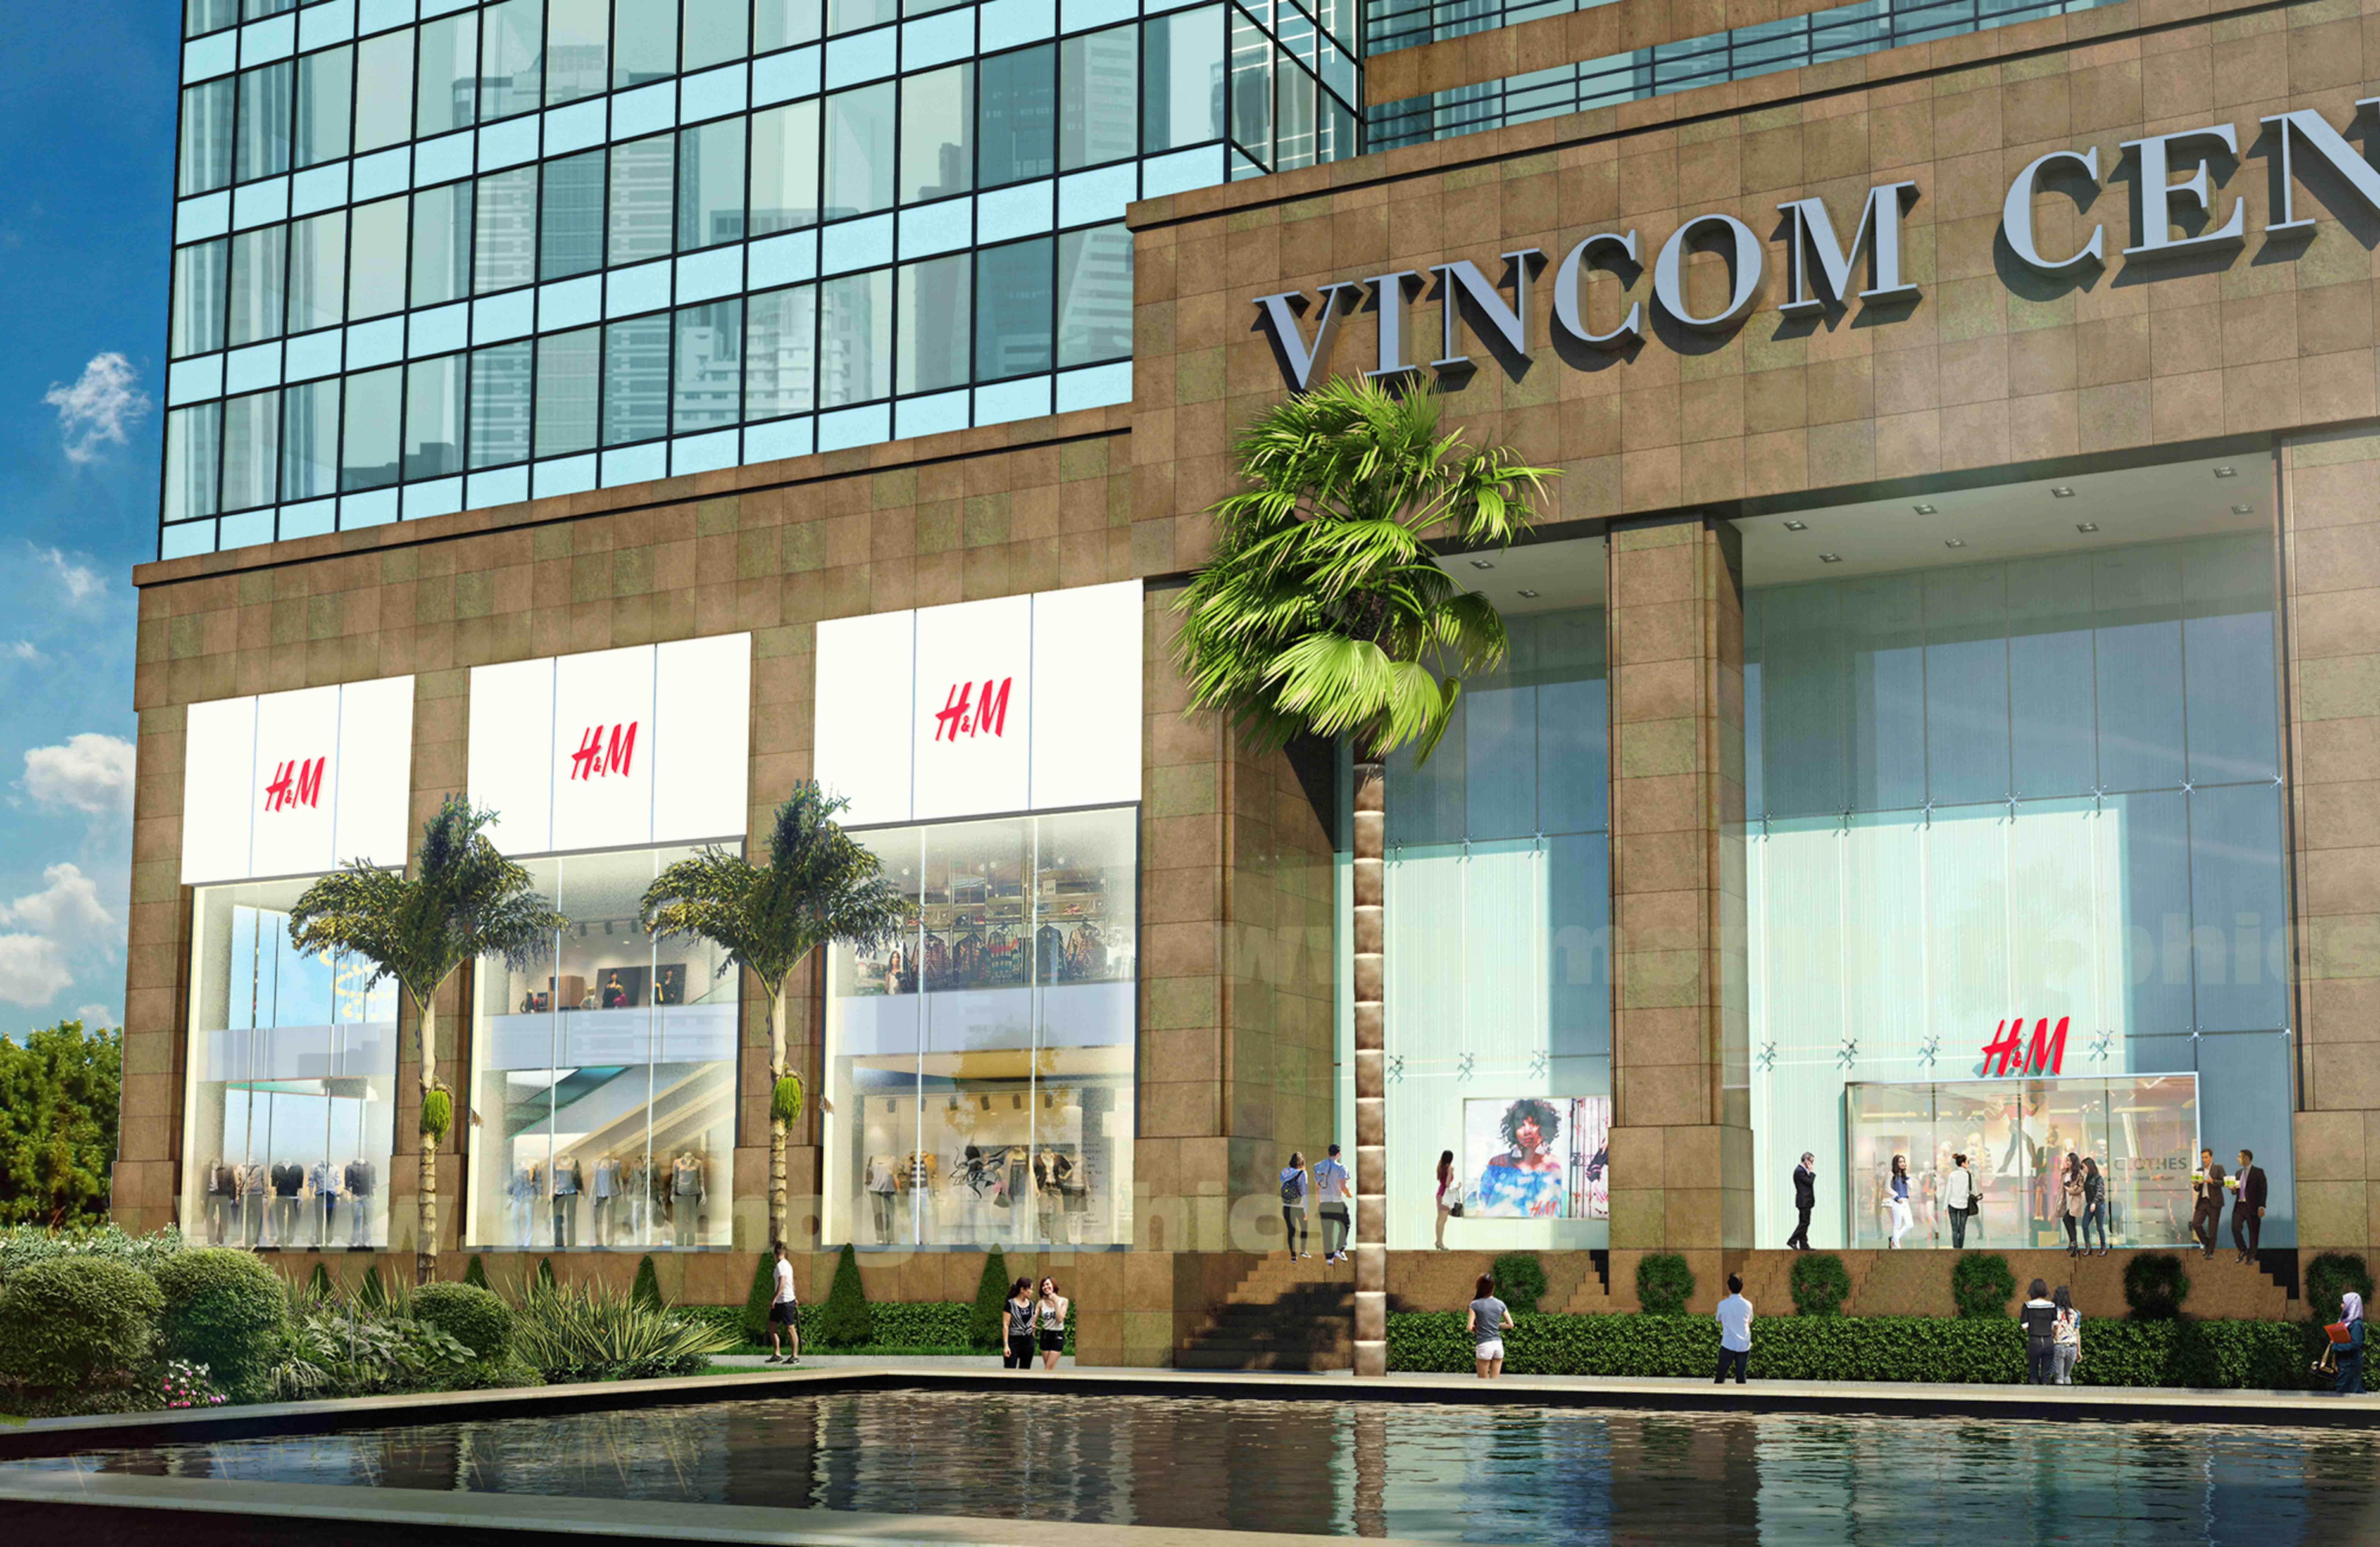 Không phải chờ đợi lâu thêm nữa, H&M Việt Nam chính thức mở cửa ngày 9/9